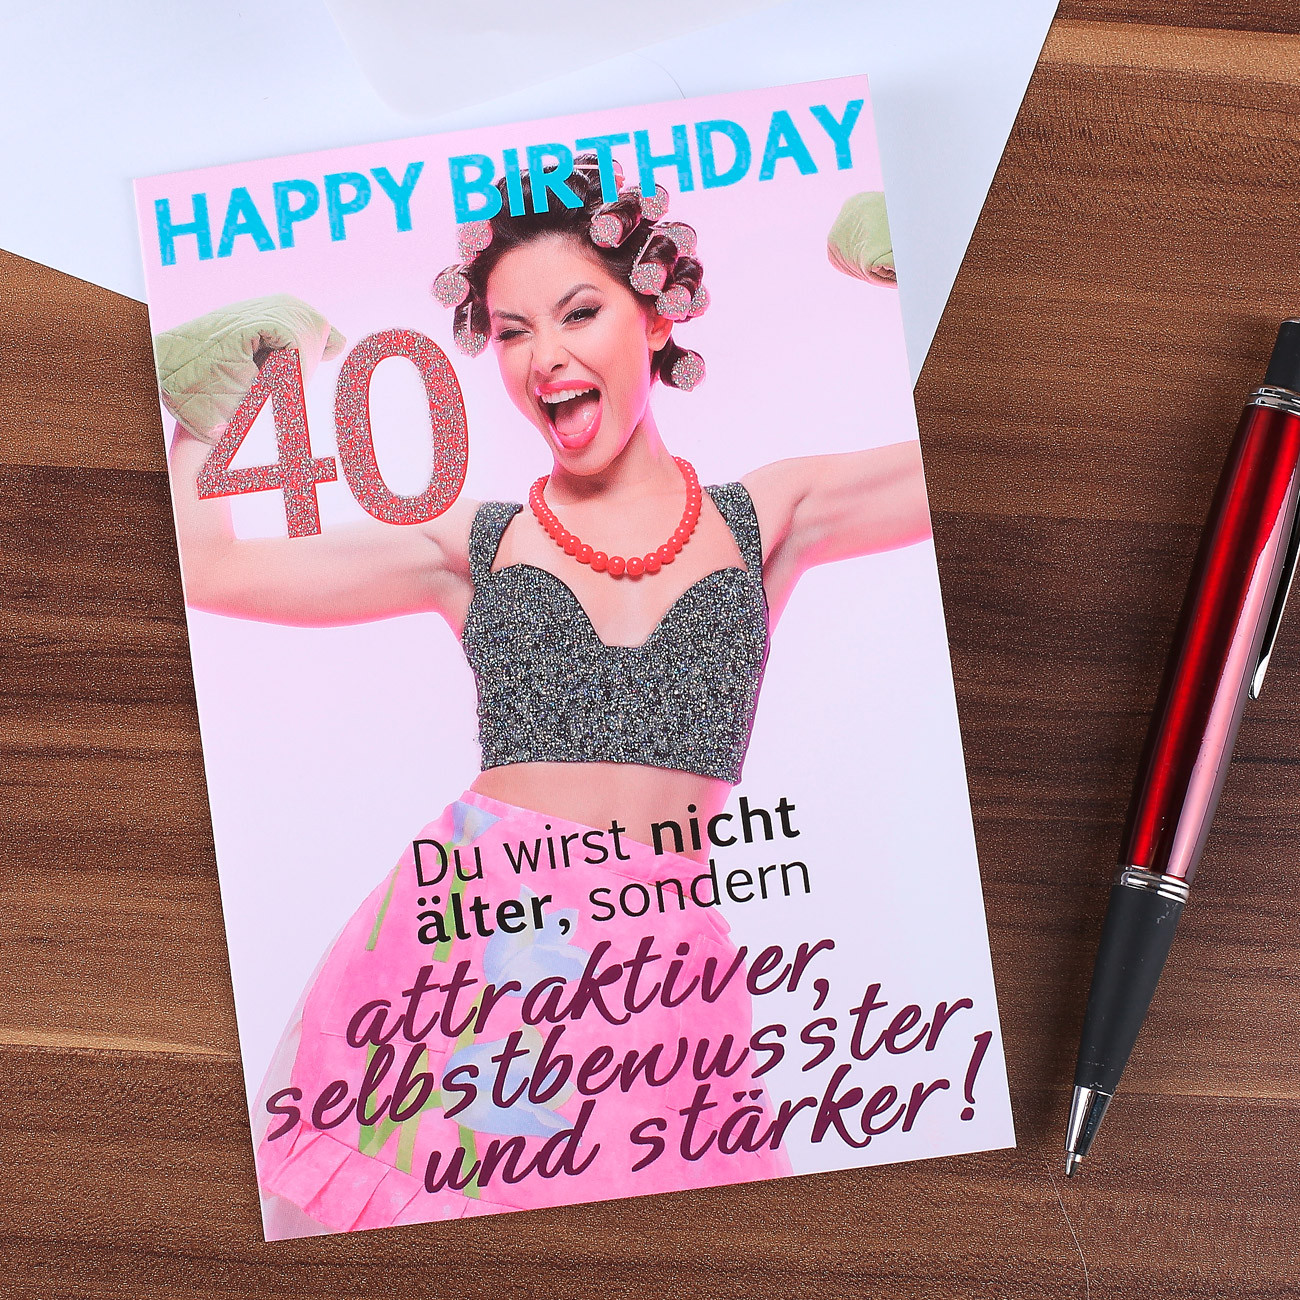 Geburtstagswünsche 40 Frau  Komma³